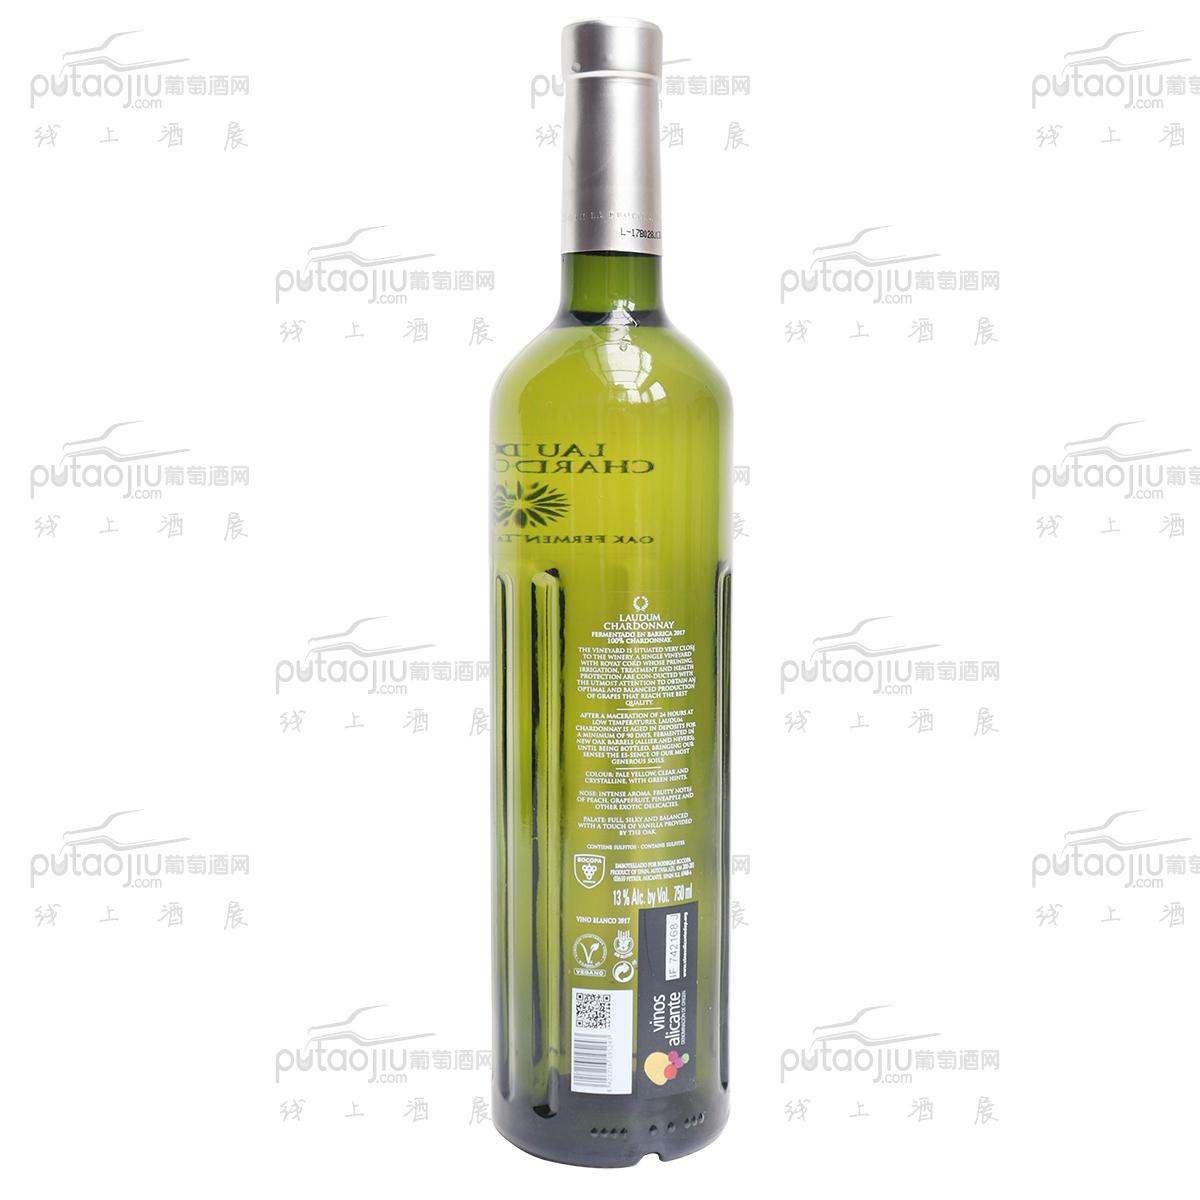 西班牙阿利坎特博科帕酒庄乐顿霞多丽DO干白葡萄酒